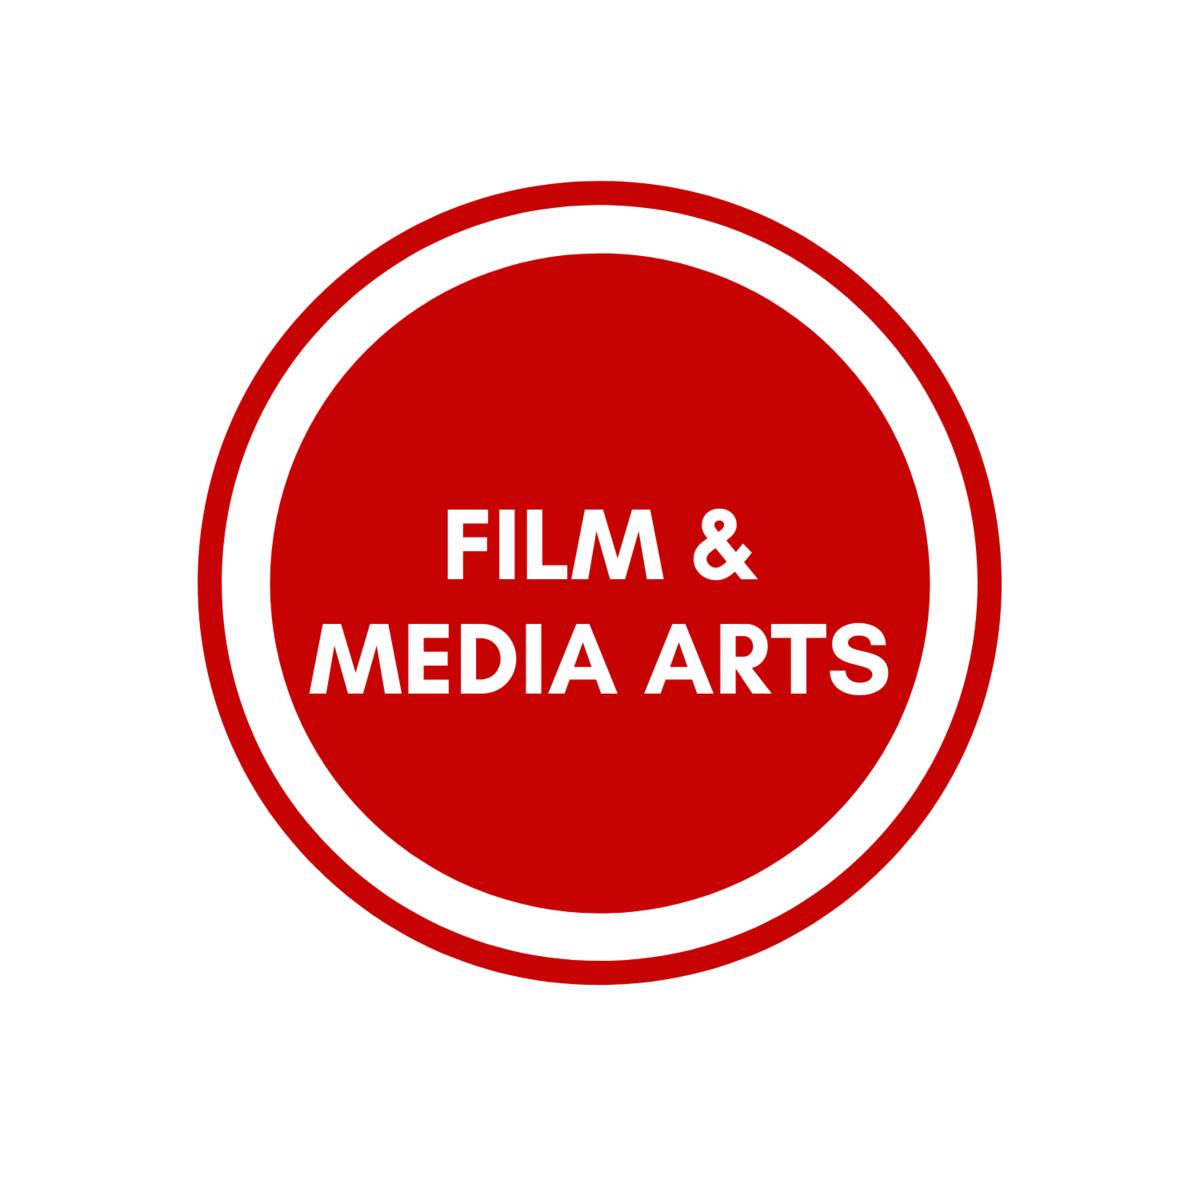 Film & Media Arts